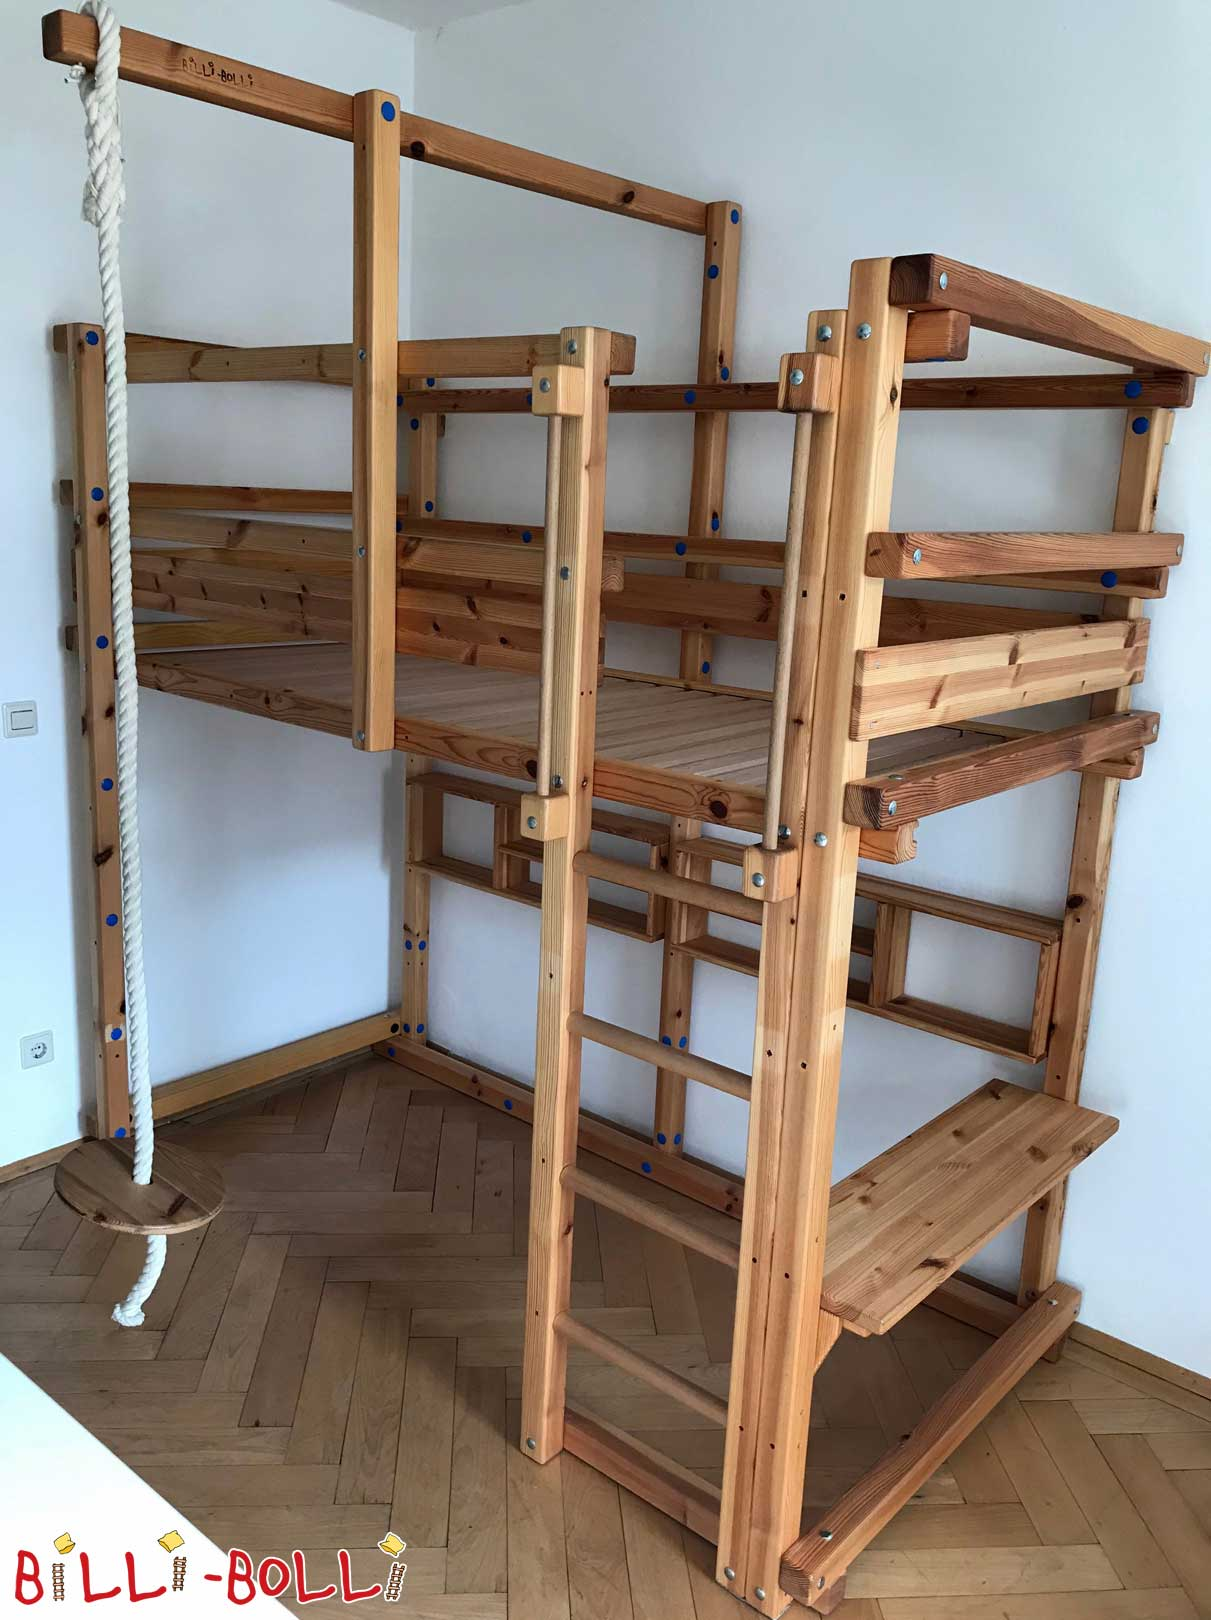 secondhand seite 14 billi bolli kinderm bel. Black Bedroom Furniture Sets. Home Design Ideas